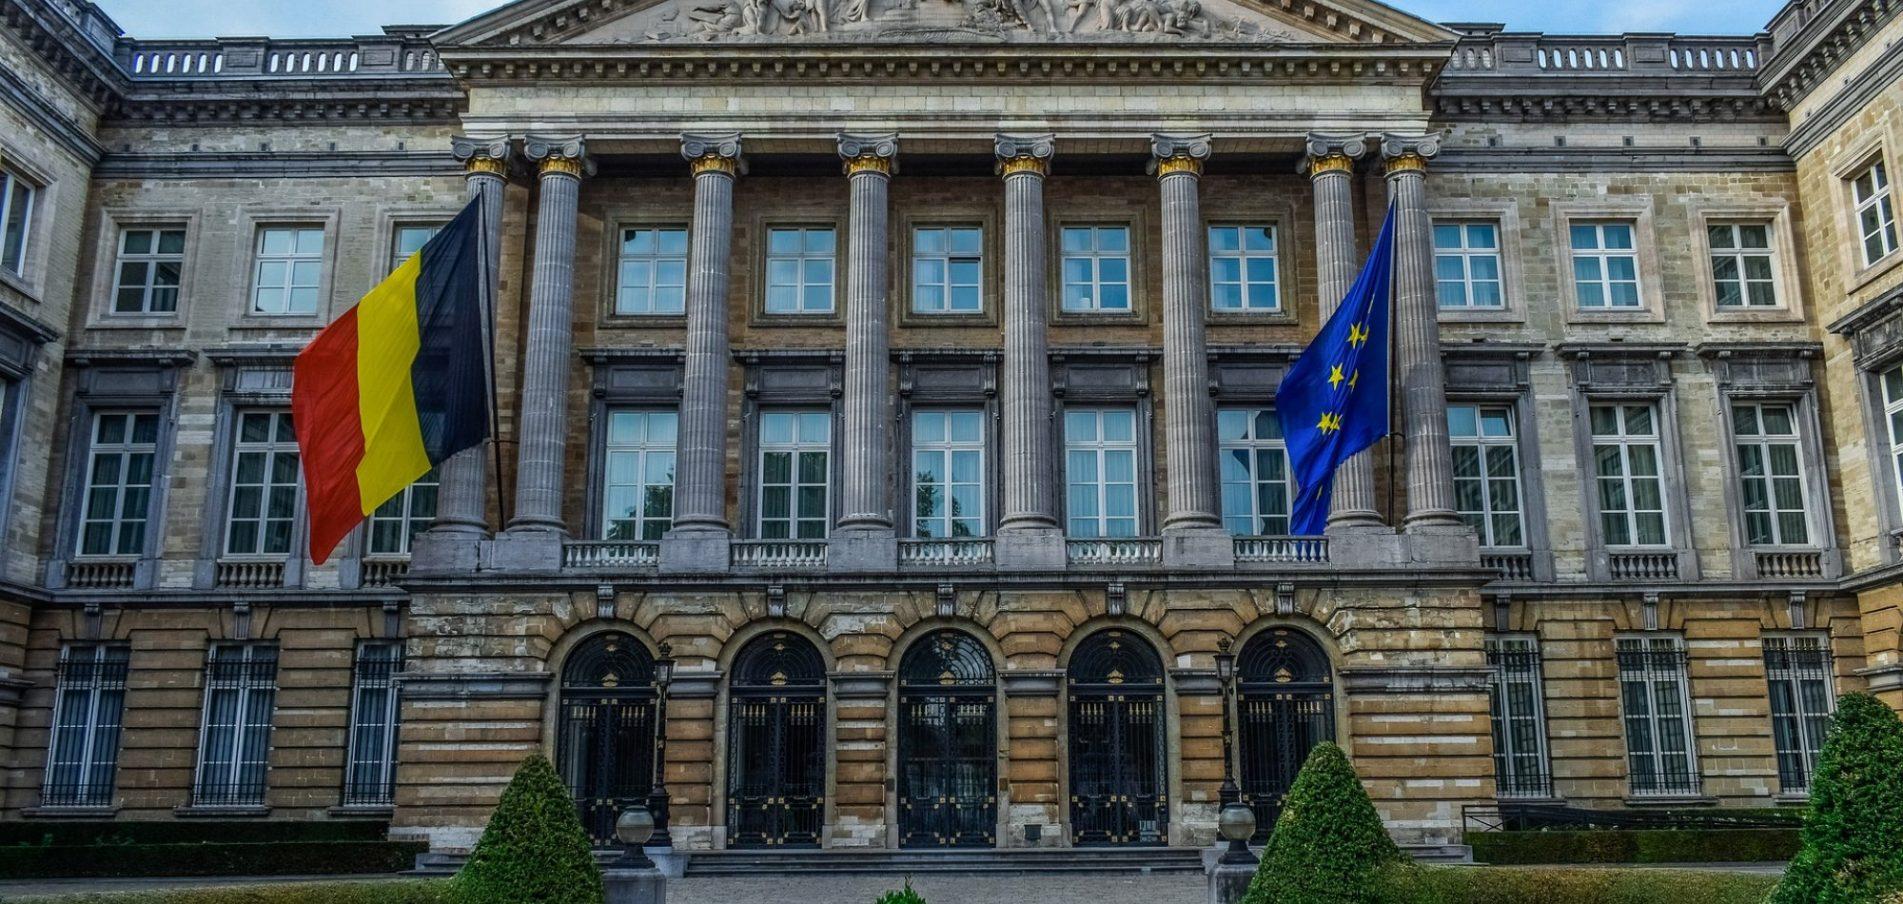 Willkommen in Brüssel ... der vielseitigen Hauptstadt des Königreichs Belgiens